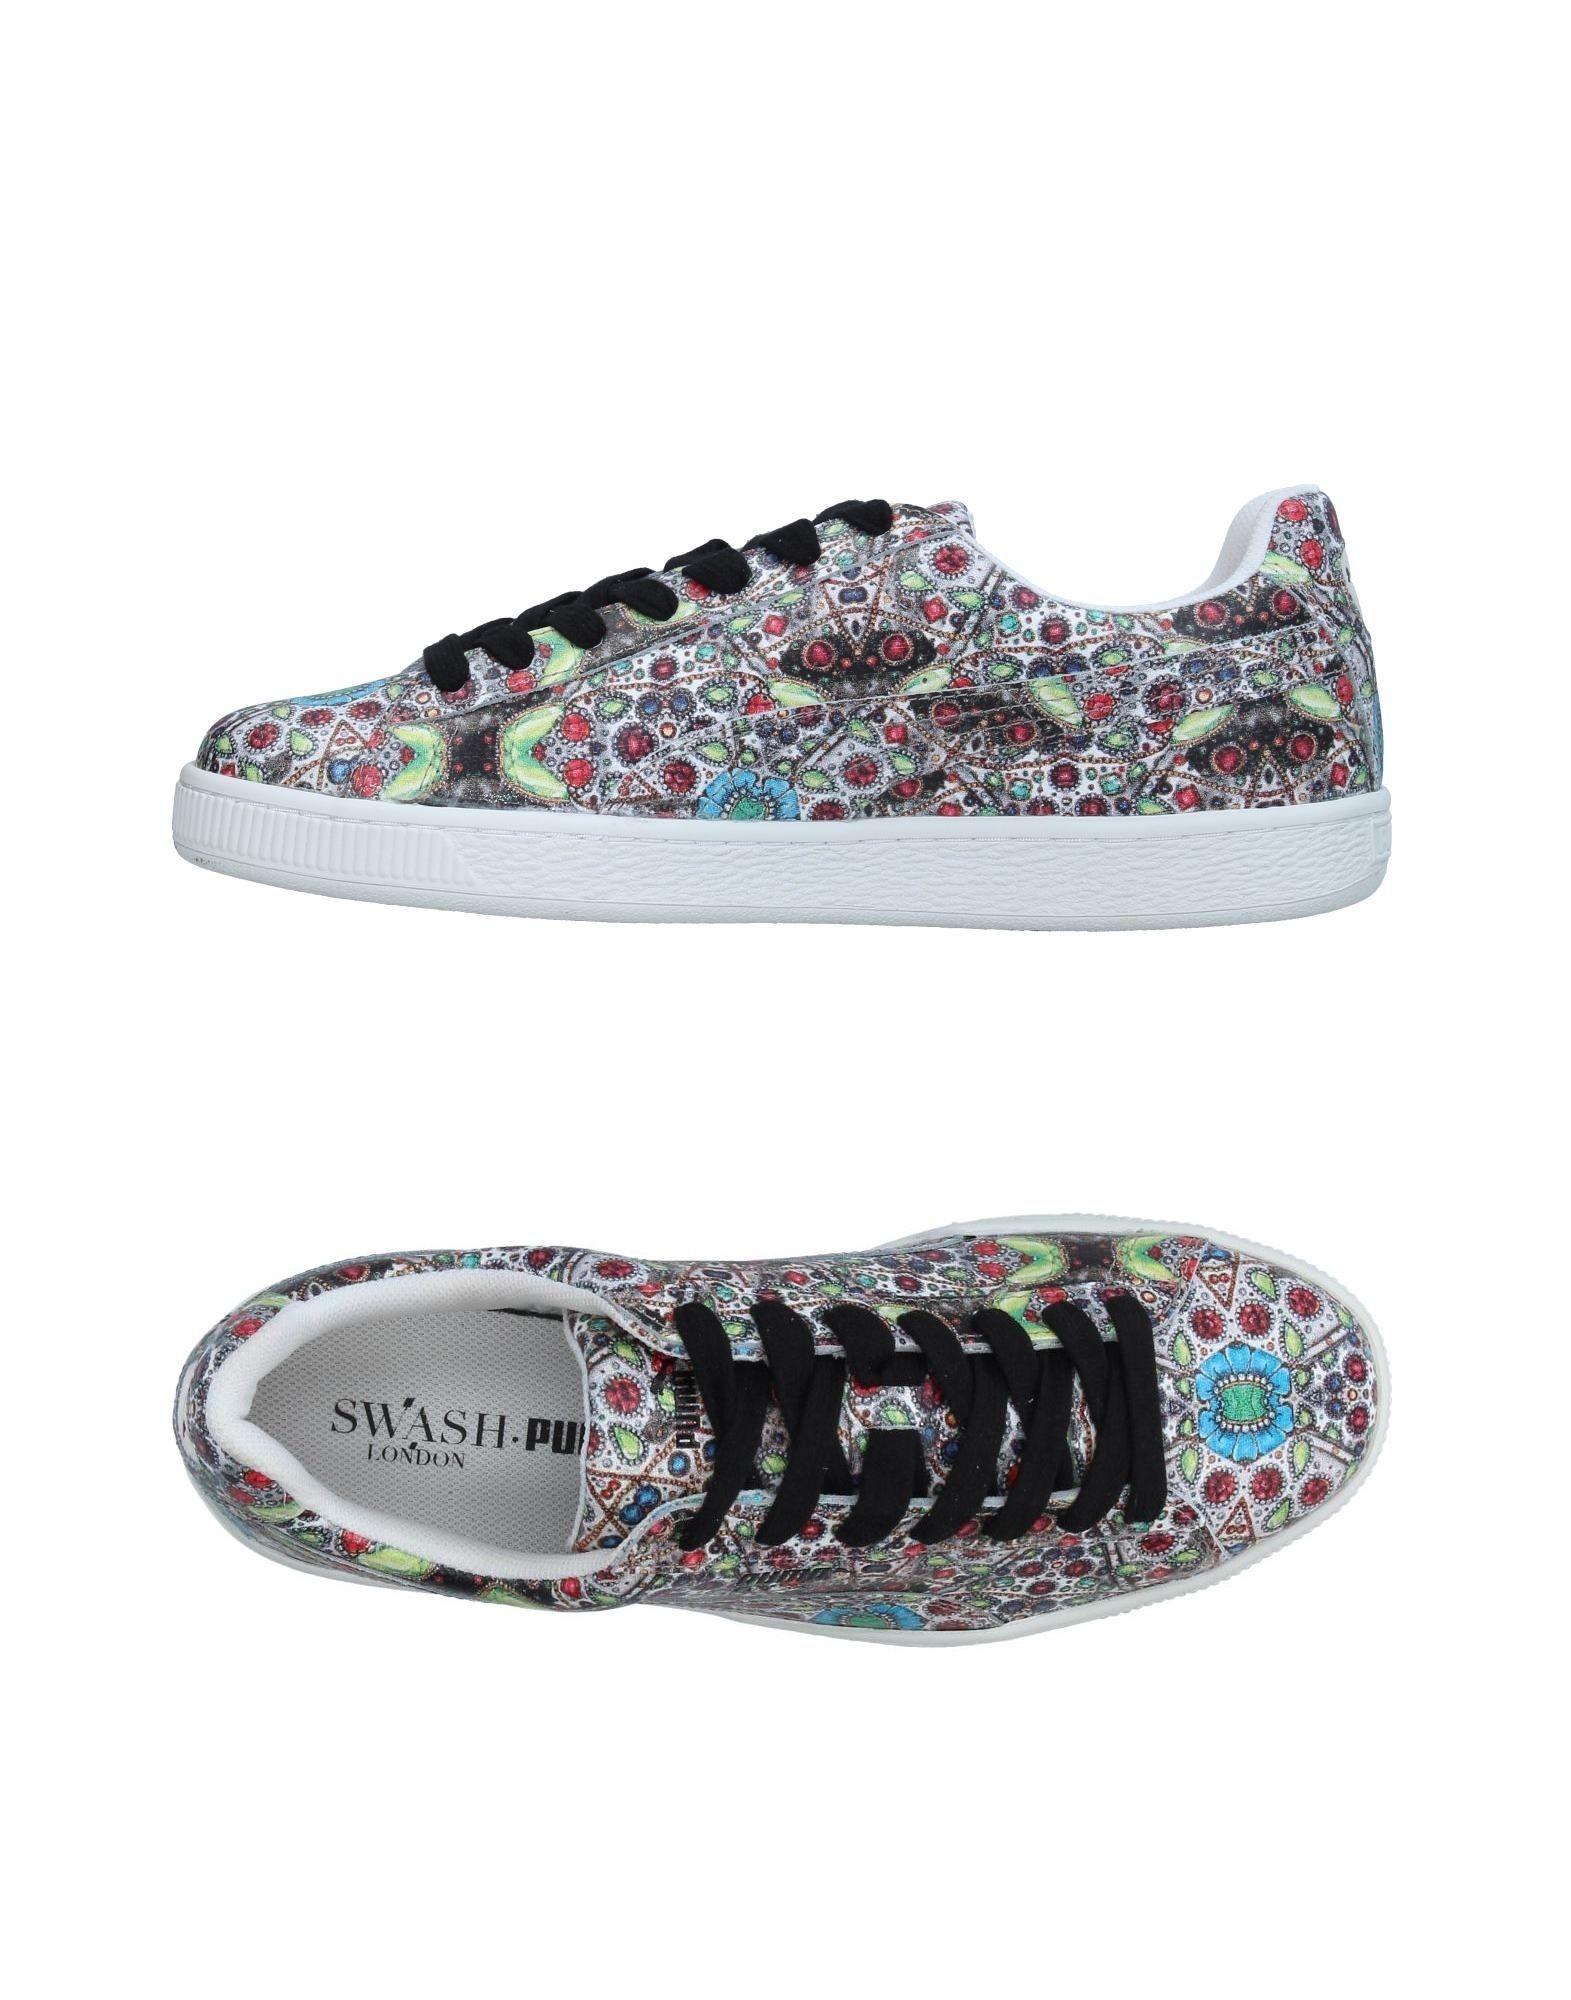 Rabatt echte Schuhe Swash London X Puma Sneakers Herren  11325443EK